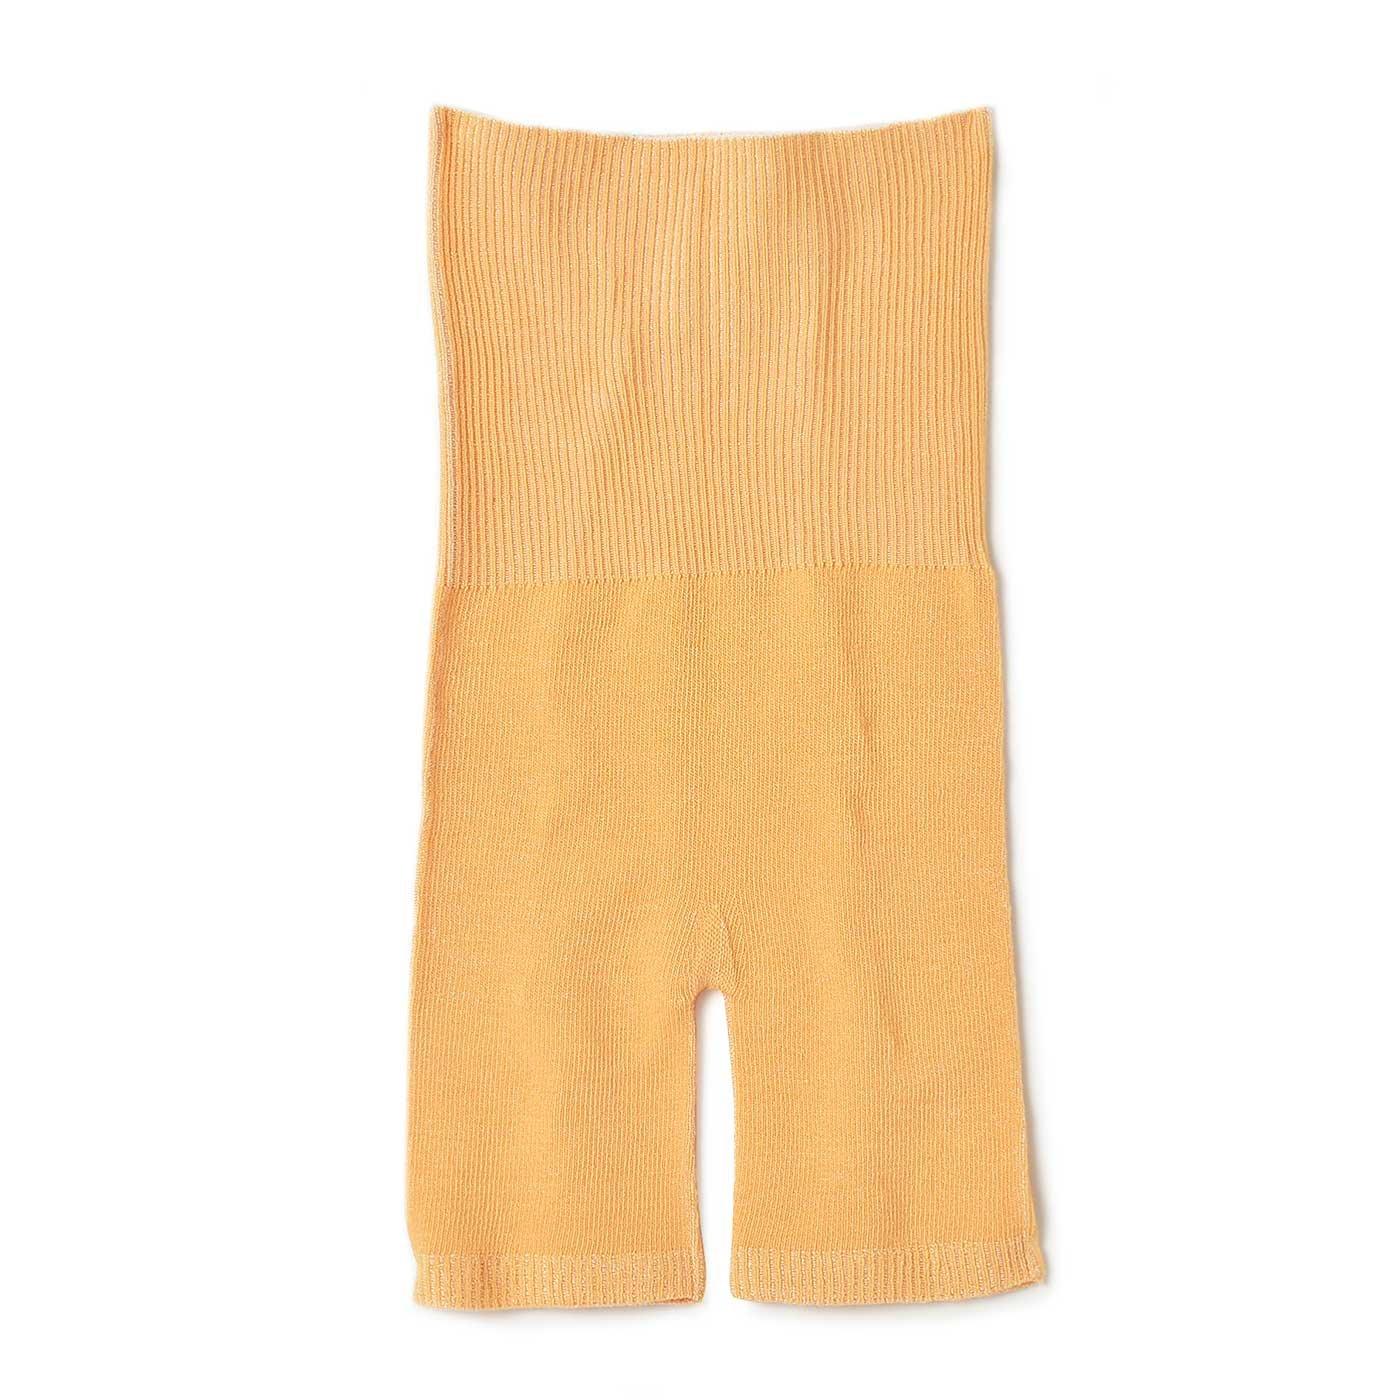 リブ イン コンフォート シルクに包まれるはき心地 ビタミンカラーのインナーパンツ〈オレンジ〉